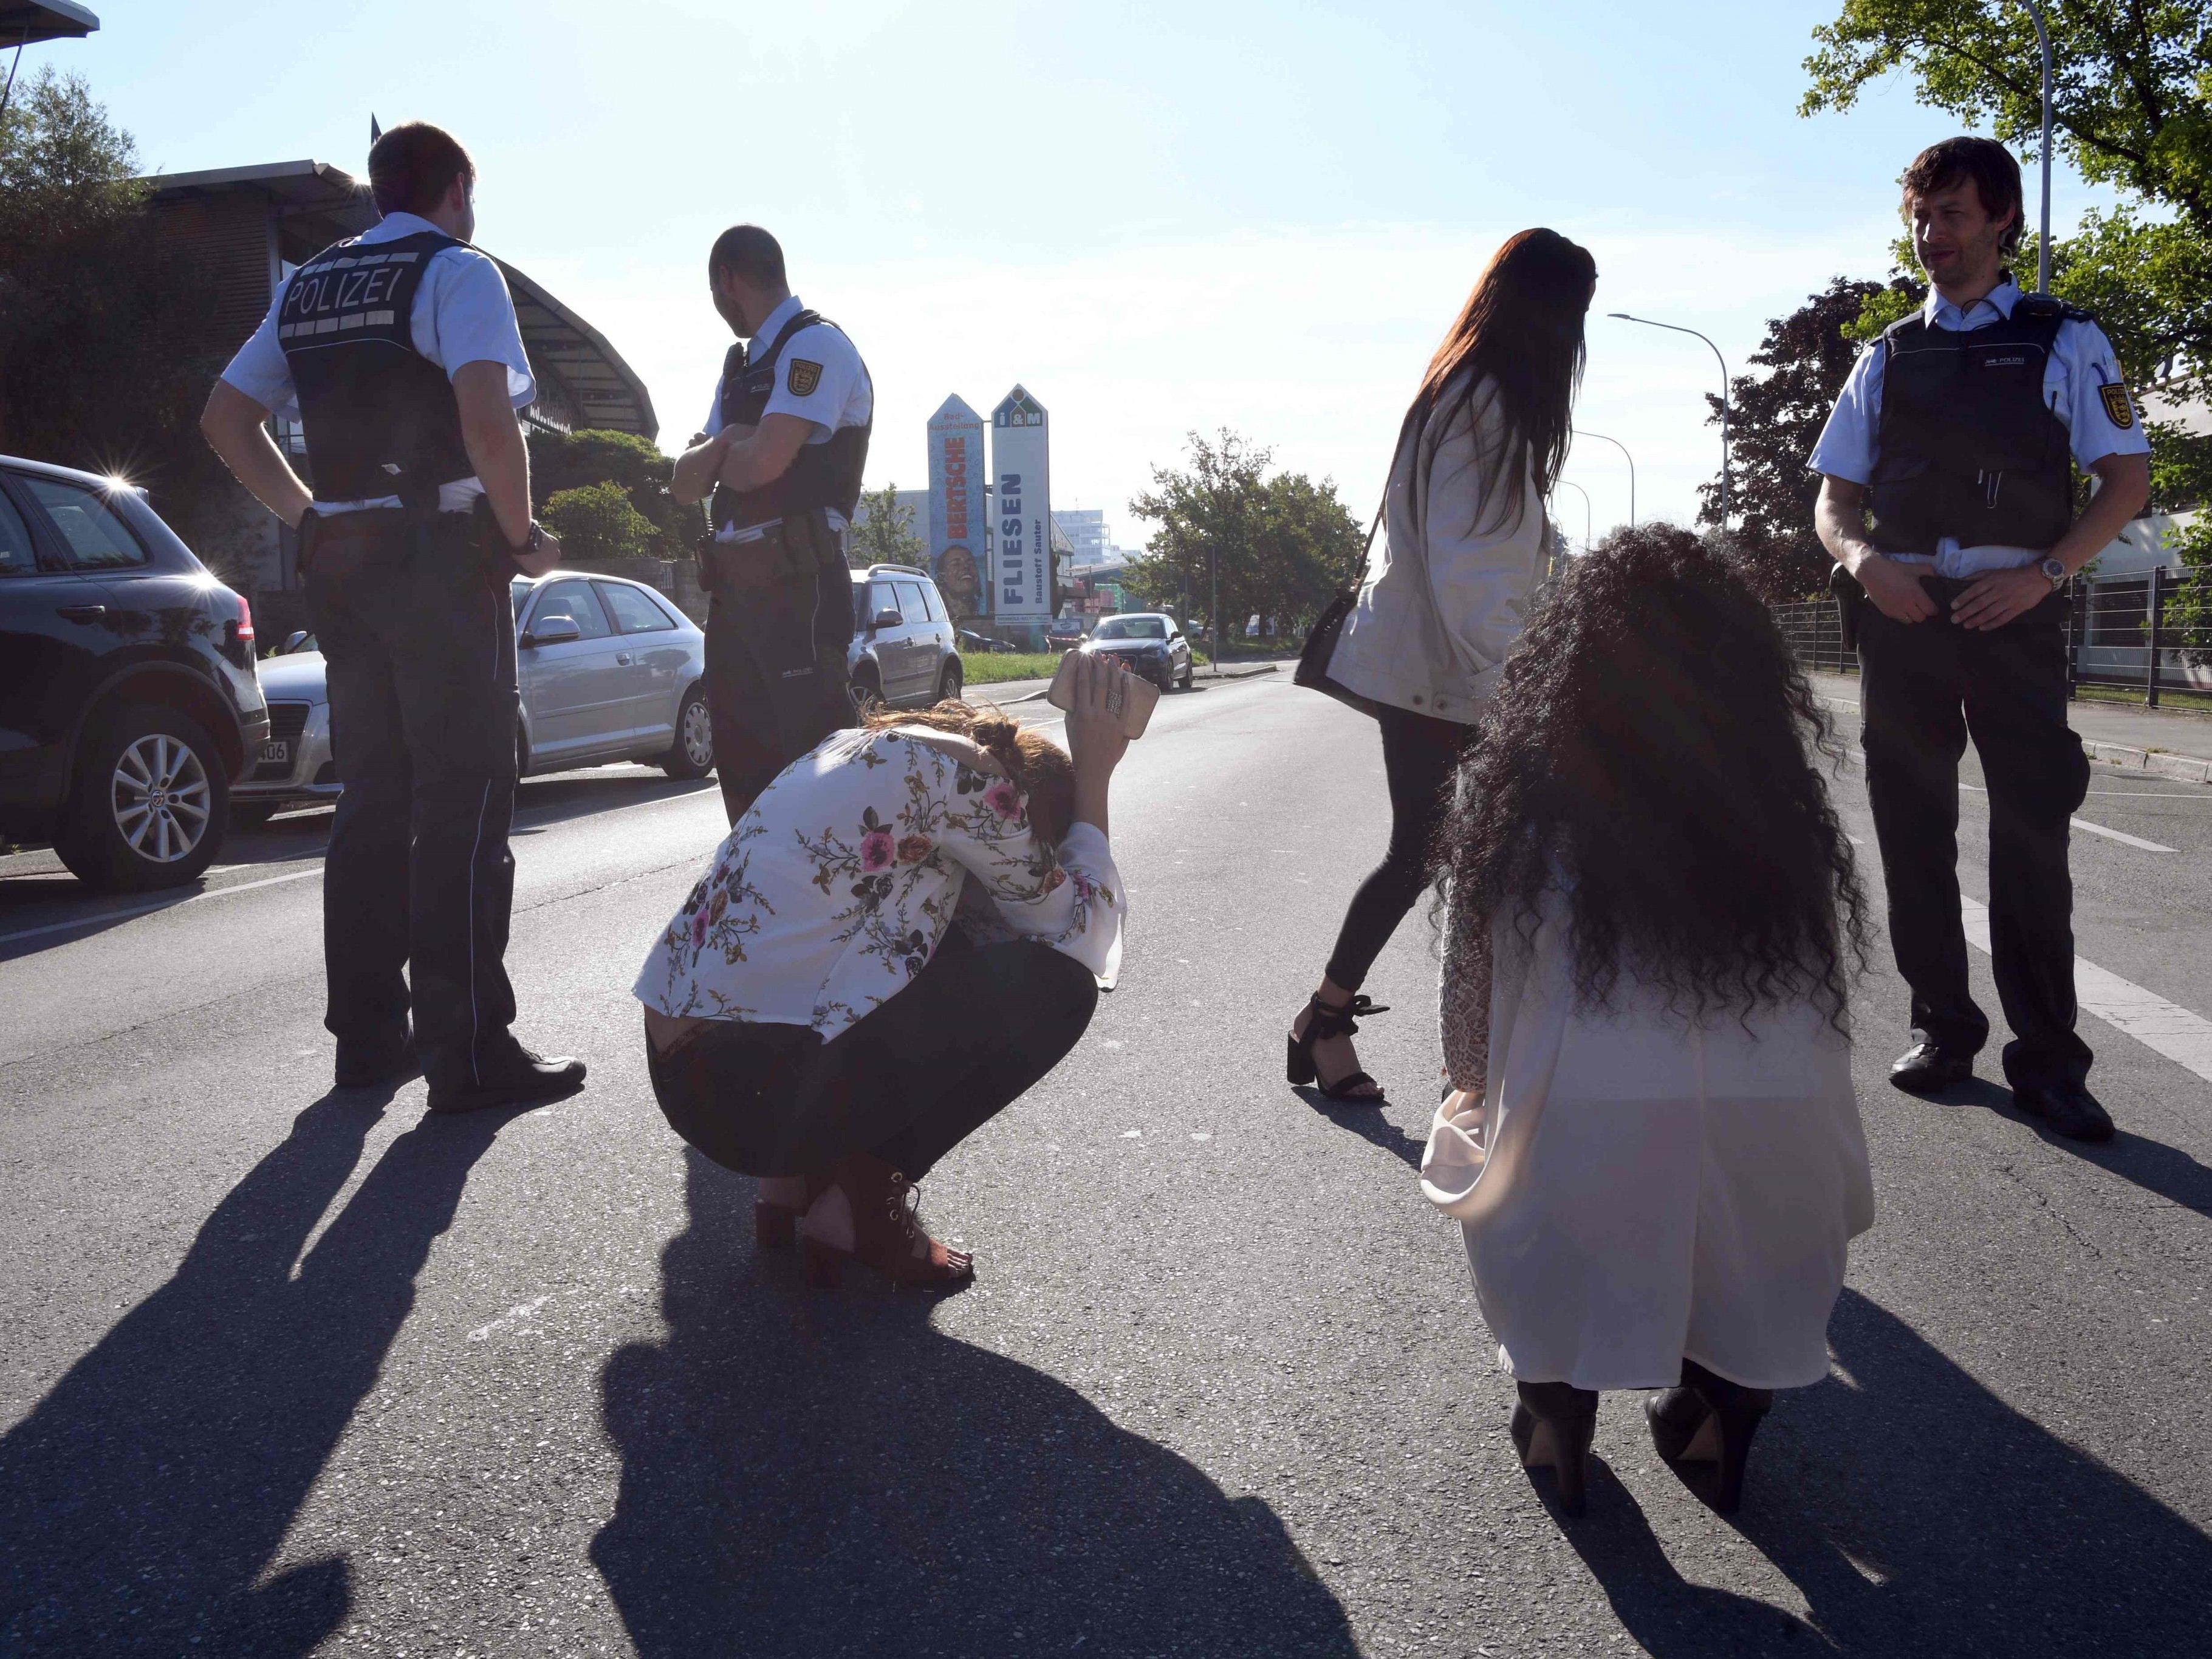 Bei einer Schießerei in einer Konstanzer Diskothek sind in der Nacht eine Person getötet und drei weitere verletzt worden. Die Polizei erschoss den Angreifer.